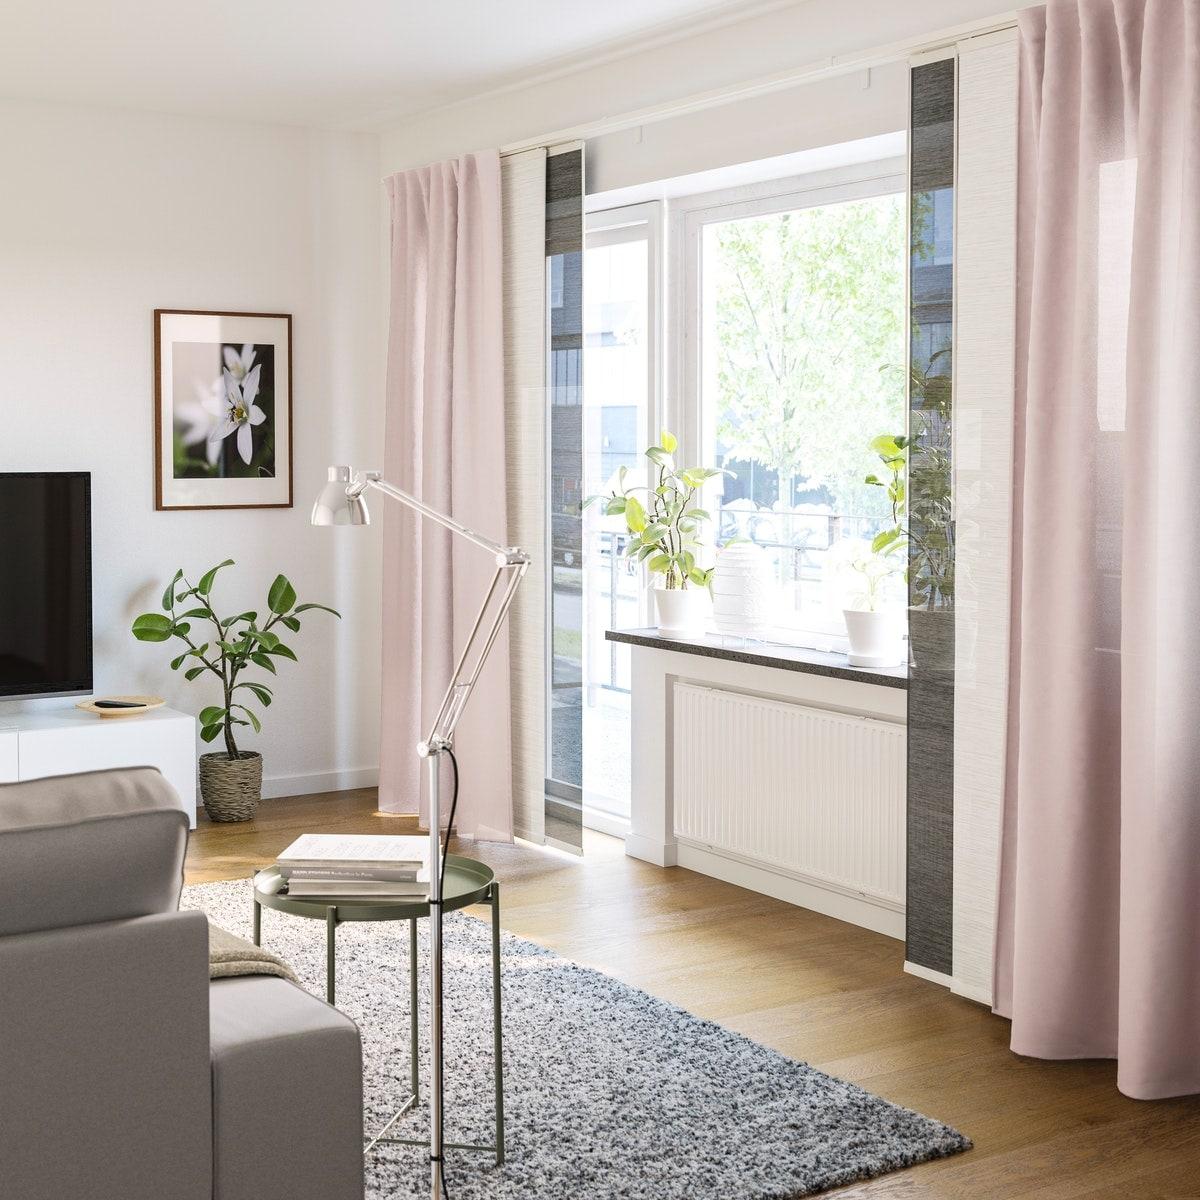 Full Size of Gardinen Doppelfenster Ideen Inspirationen Fr Dein Zuhause Ikea Deutschland Schlafzimmer Küche Für Wohnzimmer Scheibengardinen Die Fenster Wohnzimmer Gardinen Doppelfenster